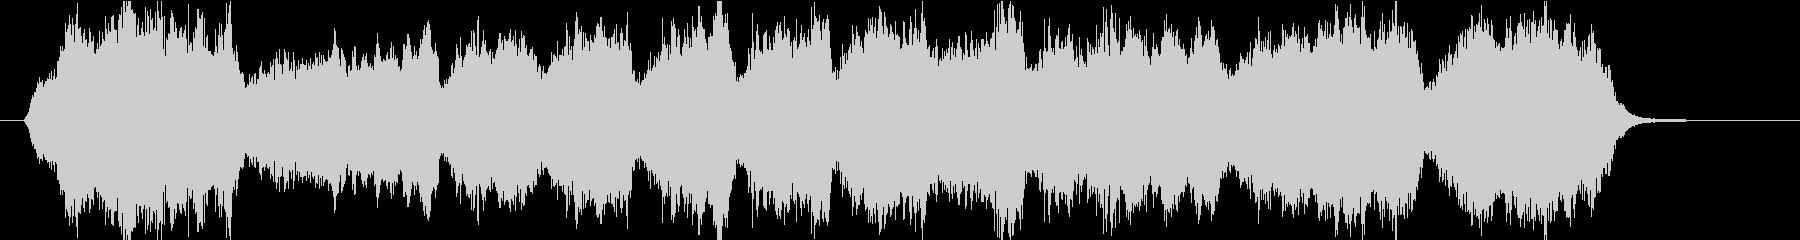 30秒CMサイズの7 心癒す弦楽四重奏の未再生の波形